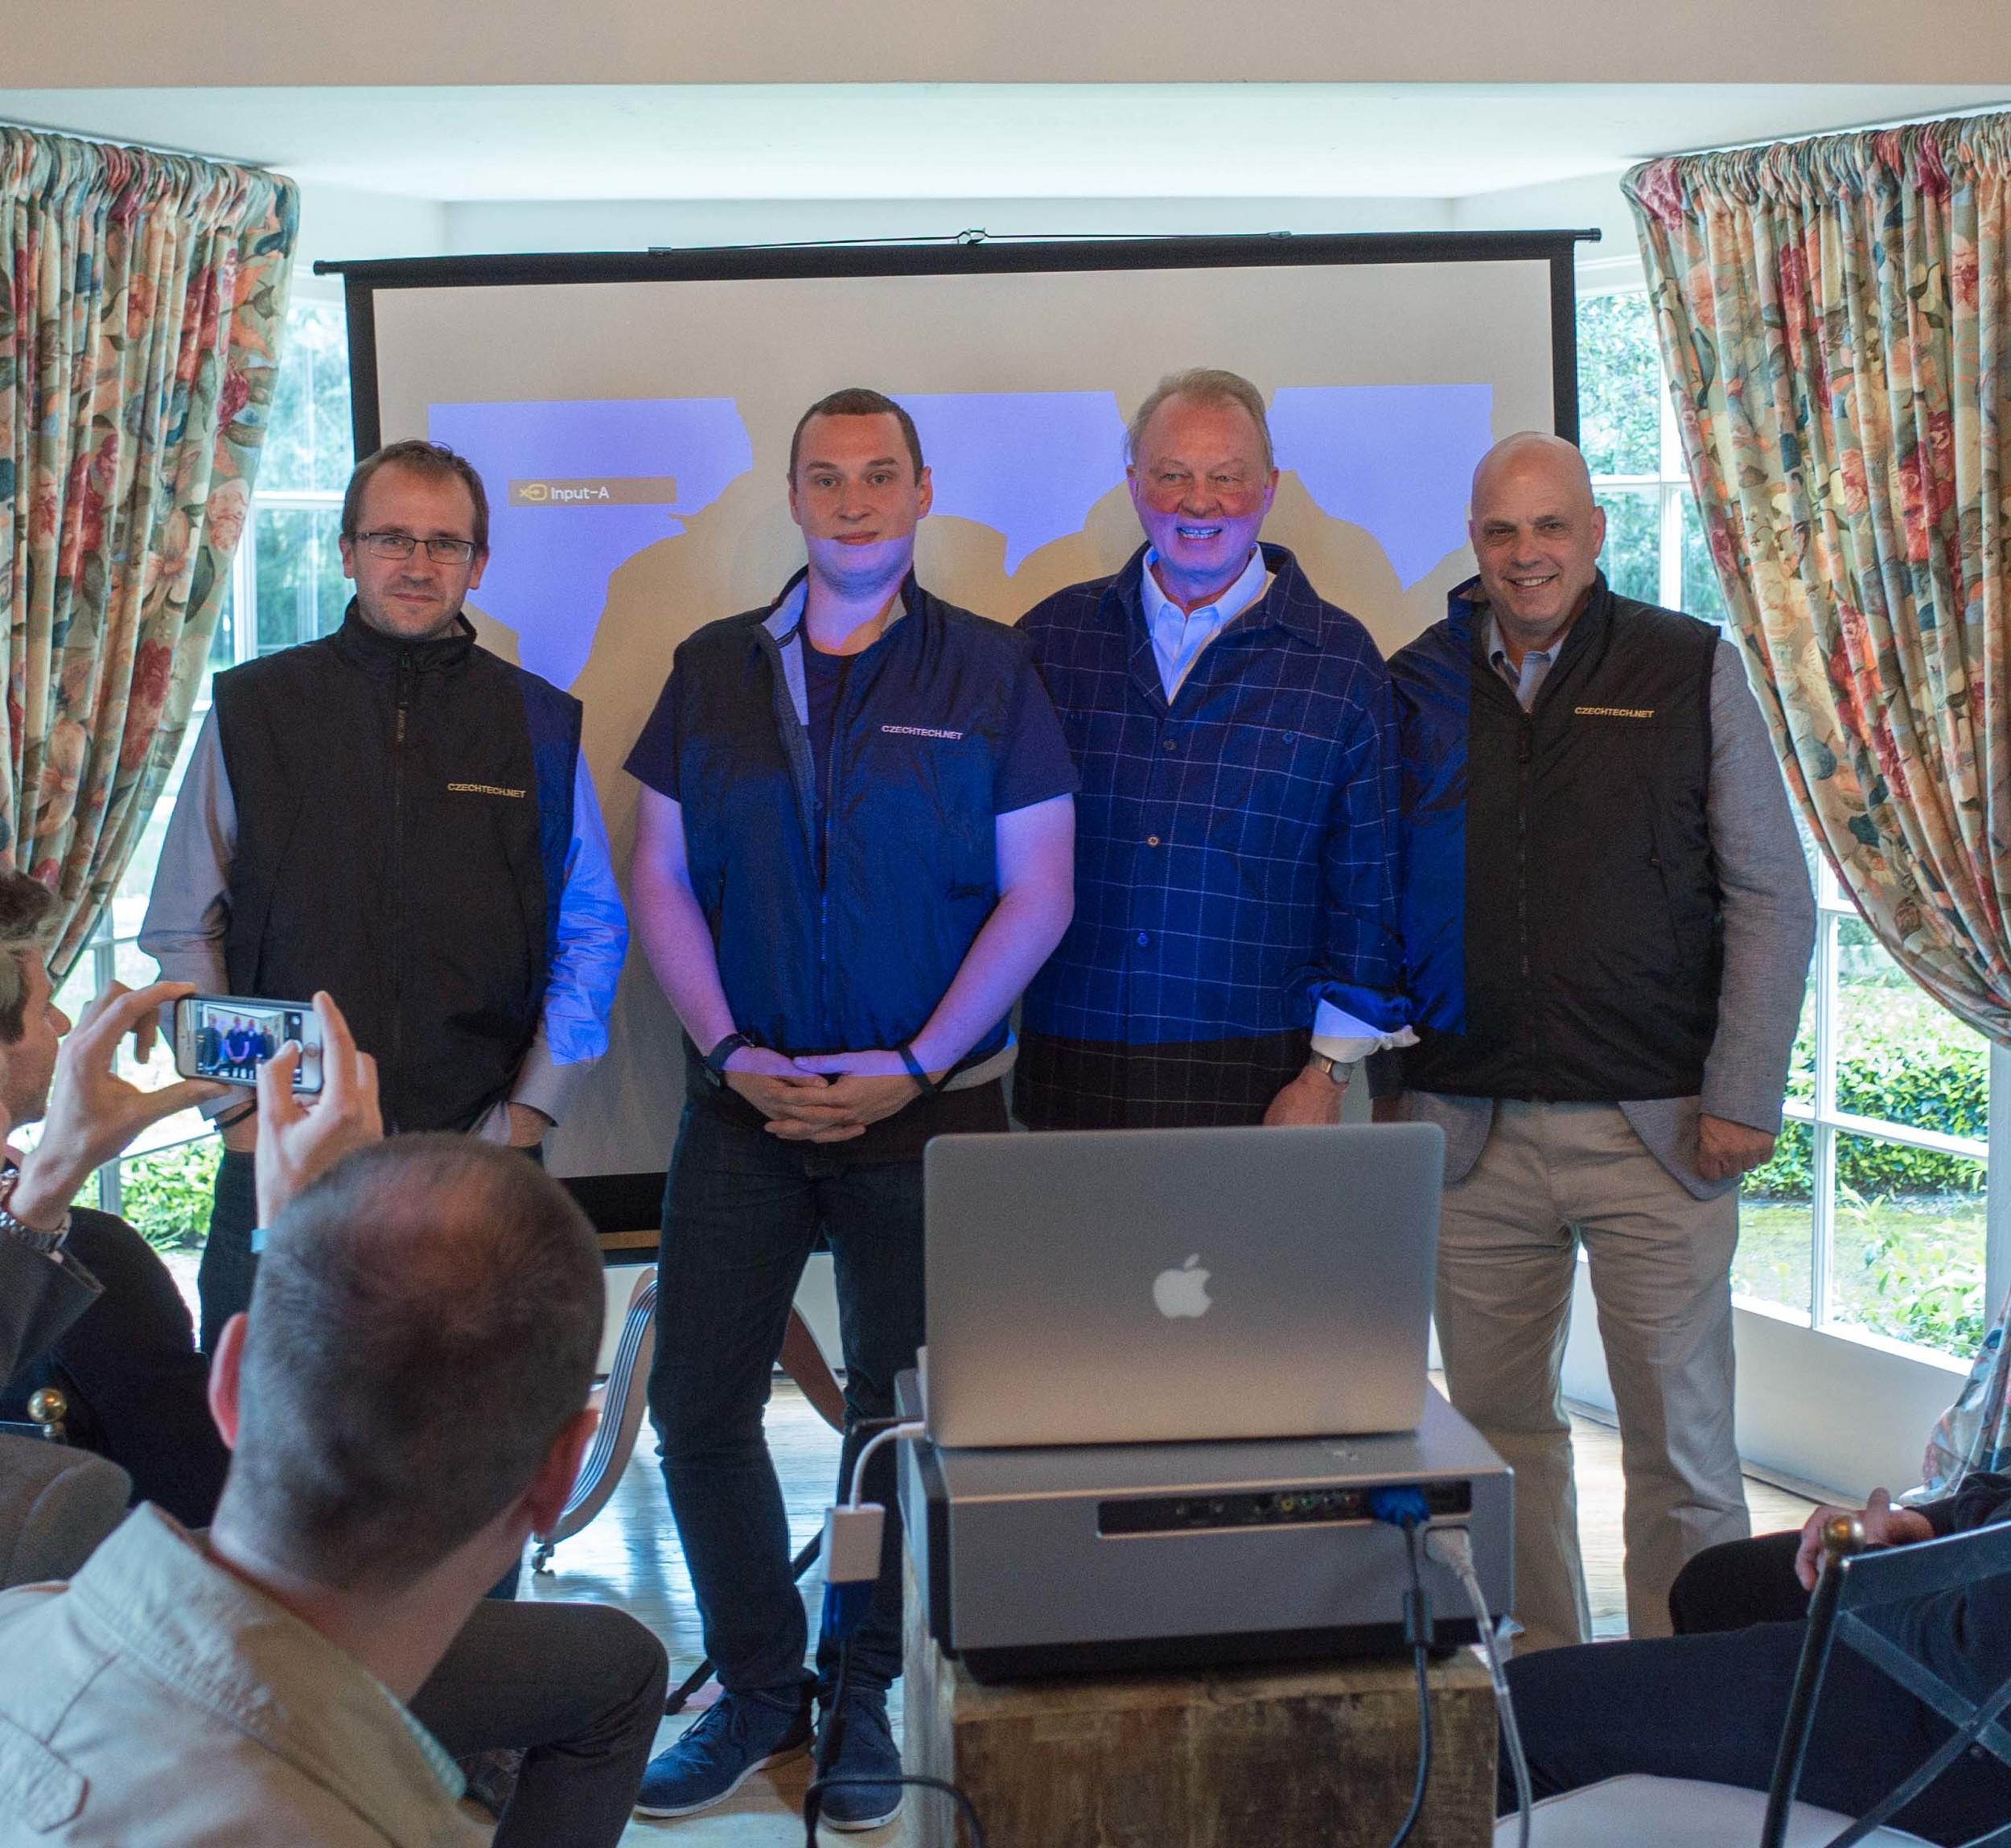 Photo by Roman Kasan. From left to right: Jakub Nesetril, Rastislav Turek, Richard Pivnicka, Vince Steckler.